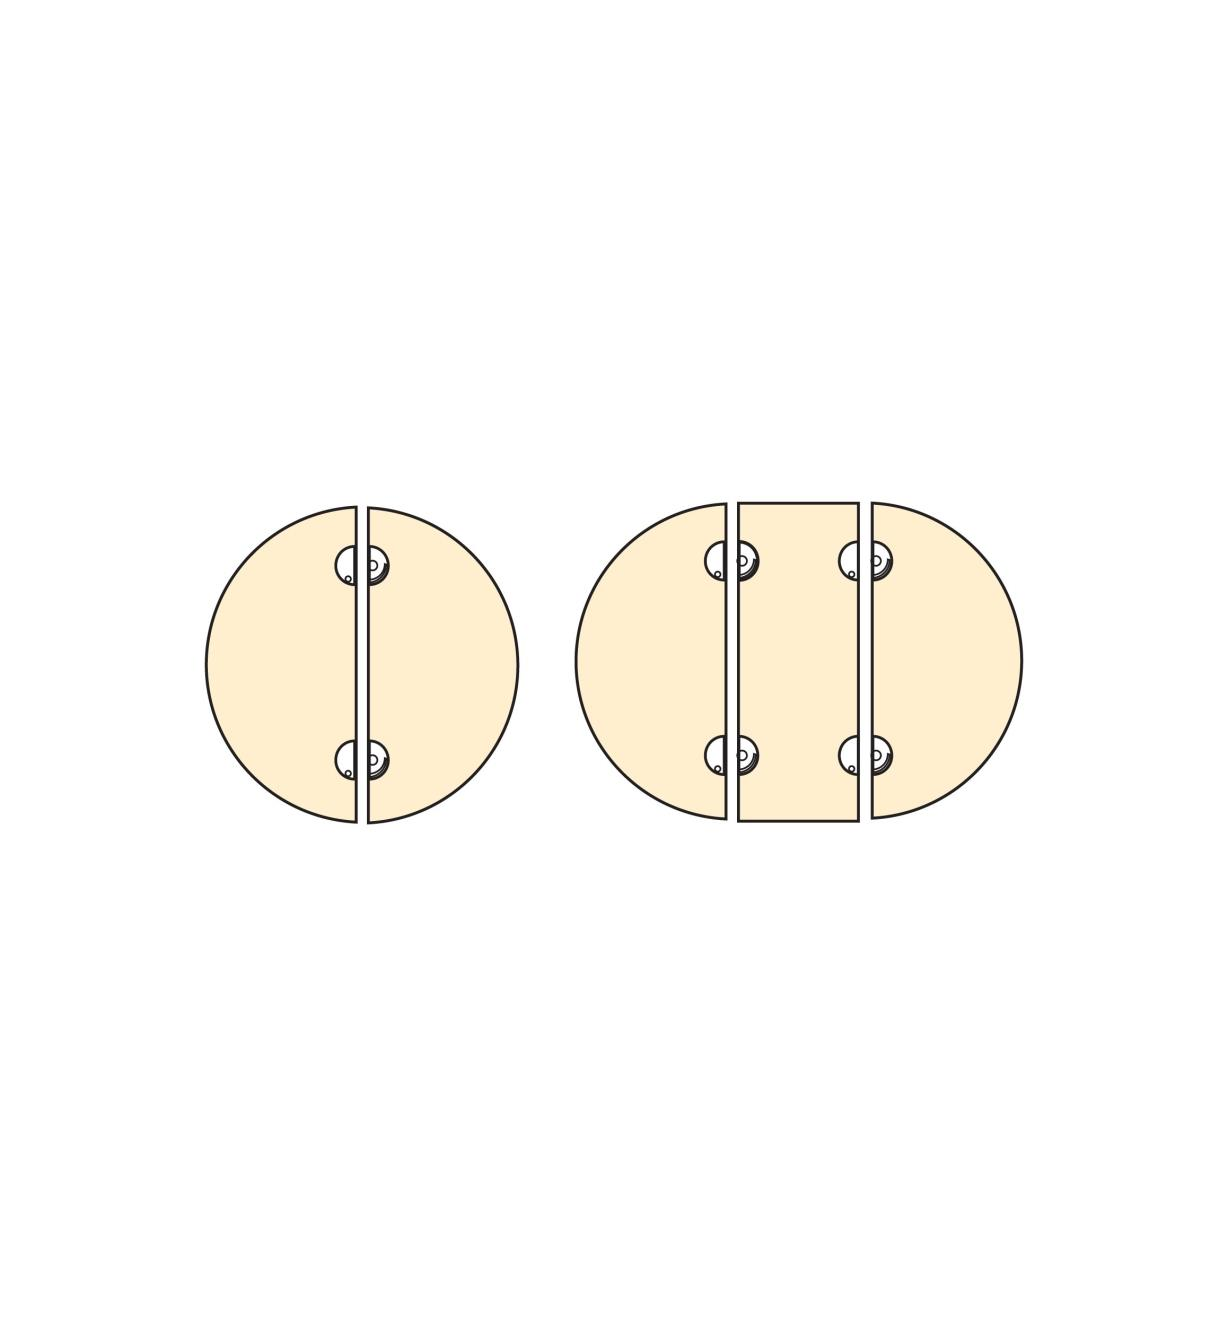 00S1022 - Loquets pivotants circulaires pour plateaux detable, lapaire